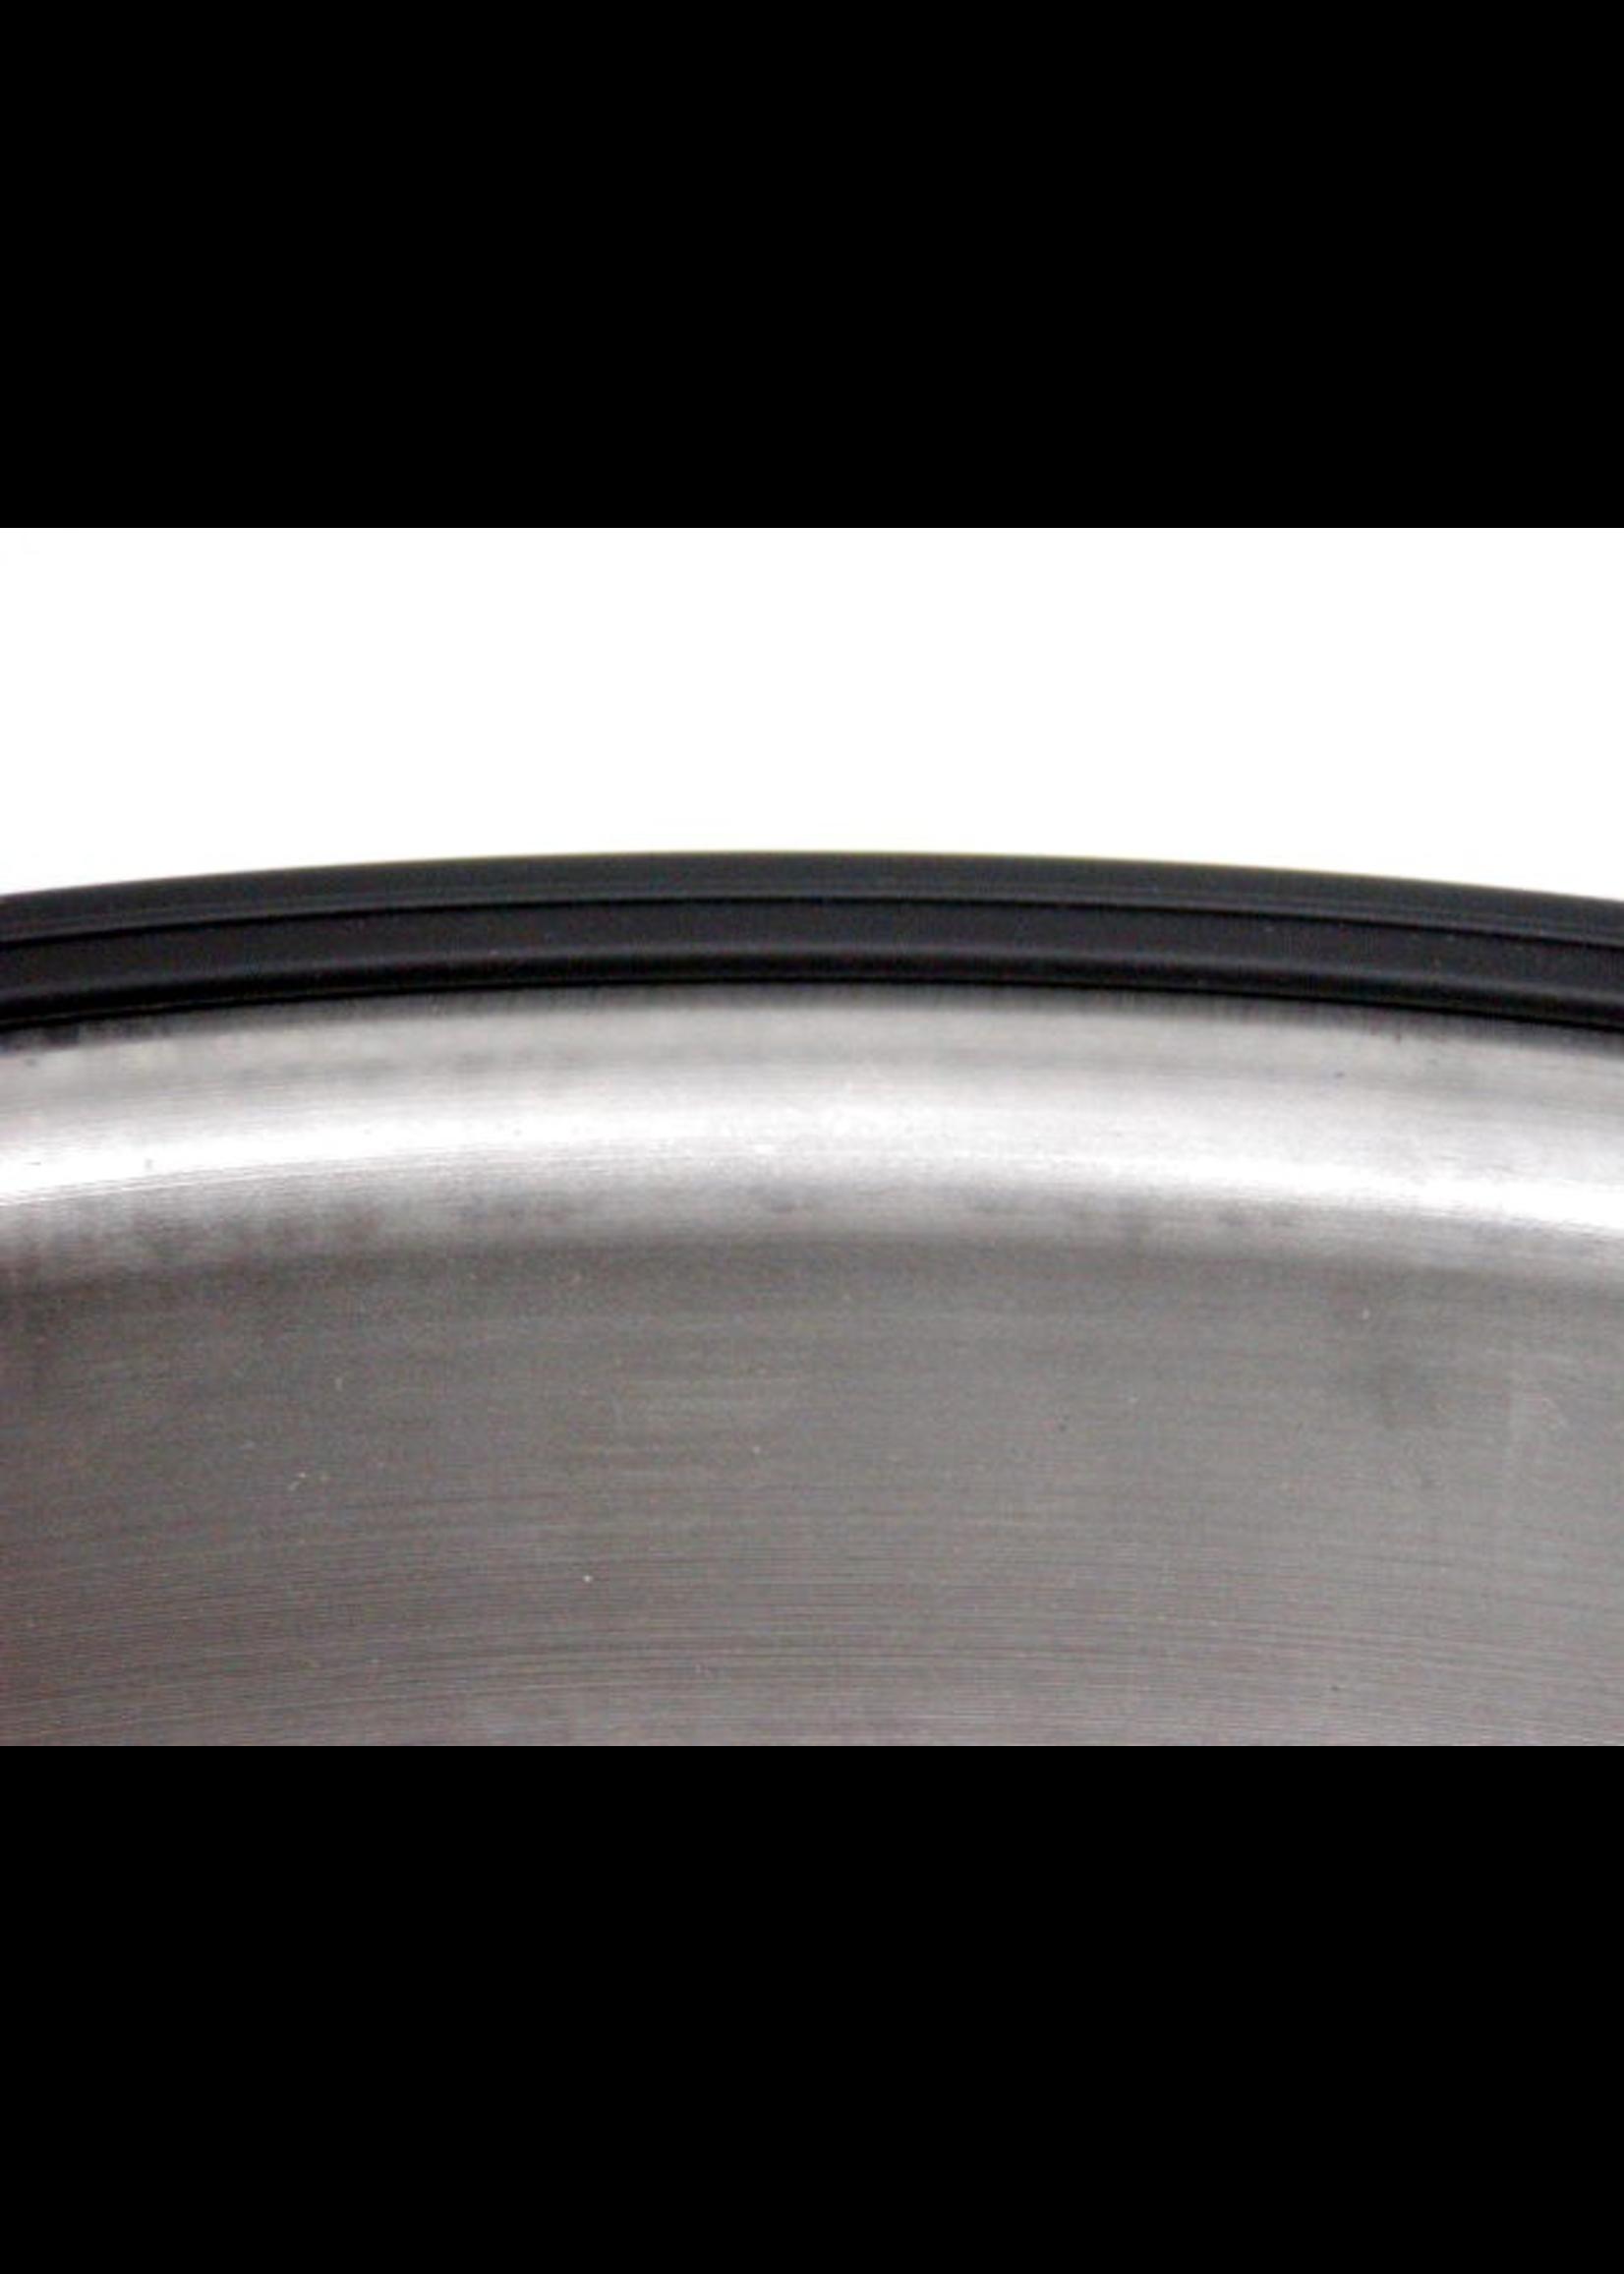 Blichmann Blichmann Fermenator - Replacement Lid Gasket for 27/42 Gallon Conicals